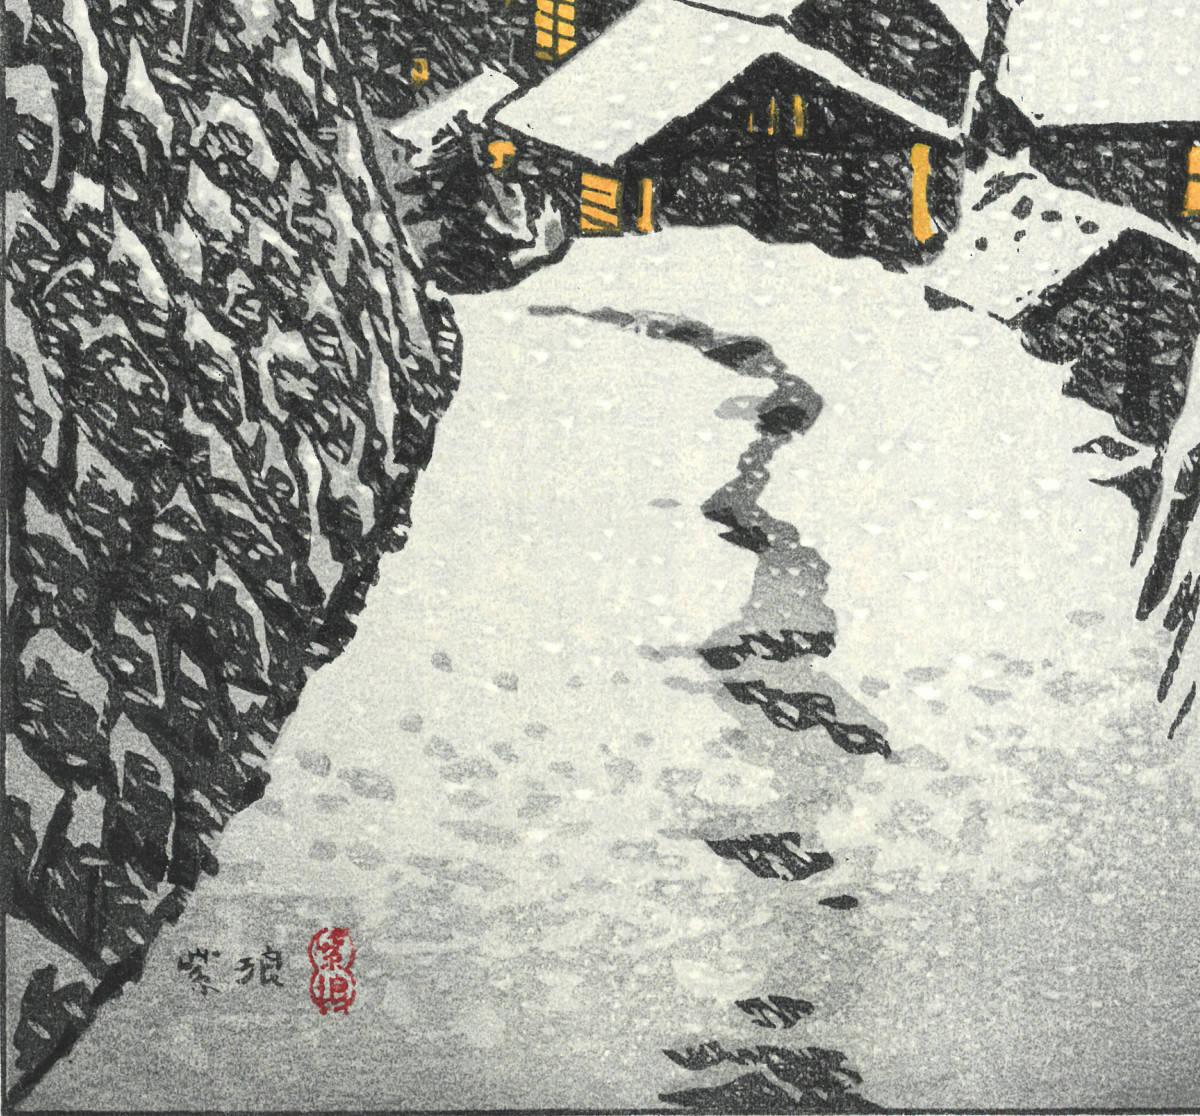 笠松作品専用額入り 笠松紫浪 木版画  sk21 夕暮の灯ー上州水上 新版画 初版昭和中期頃   京都の一流の摺師の技をご堪能ください!!_画像8